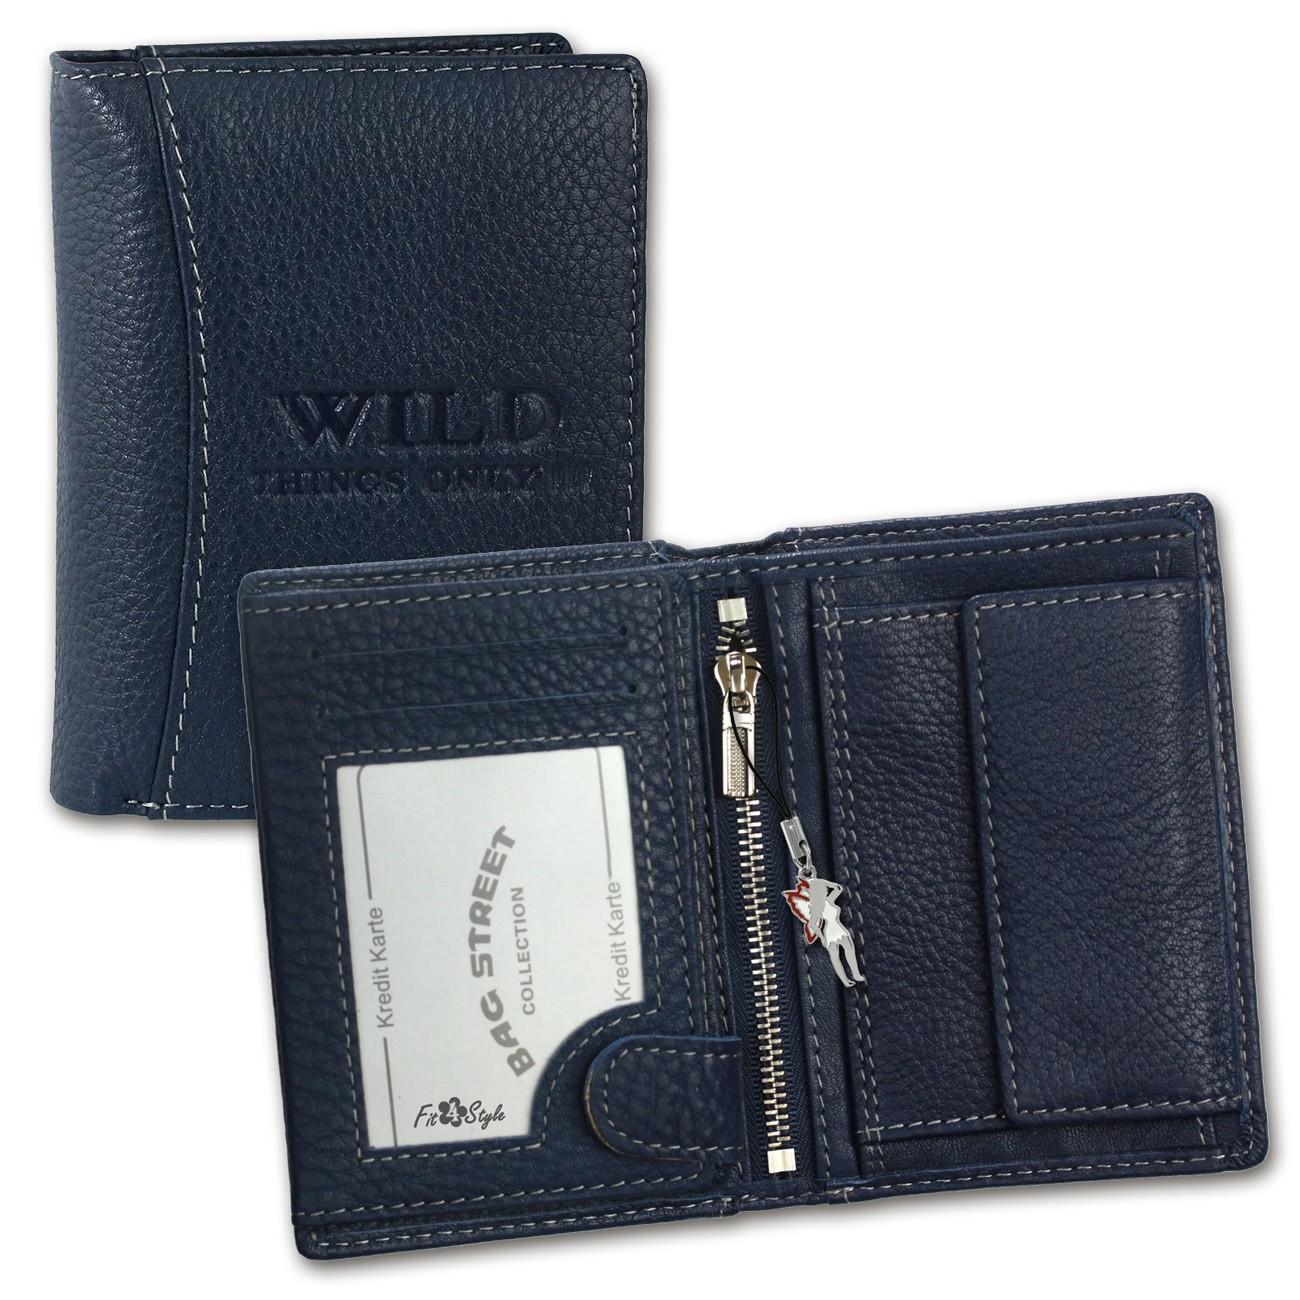 Geldbörse Leder blau Portemonnaie Geldbeutel Wild Things Only OPJ113B